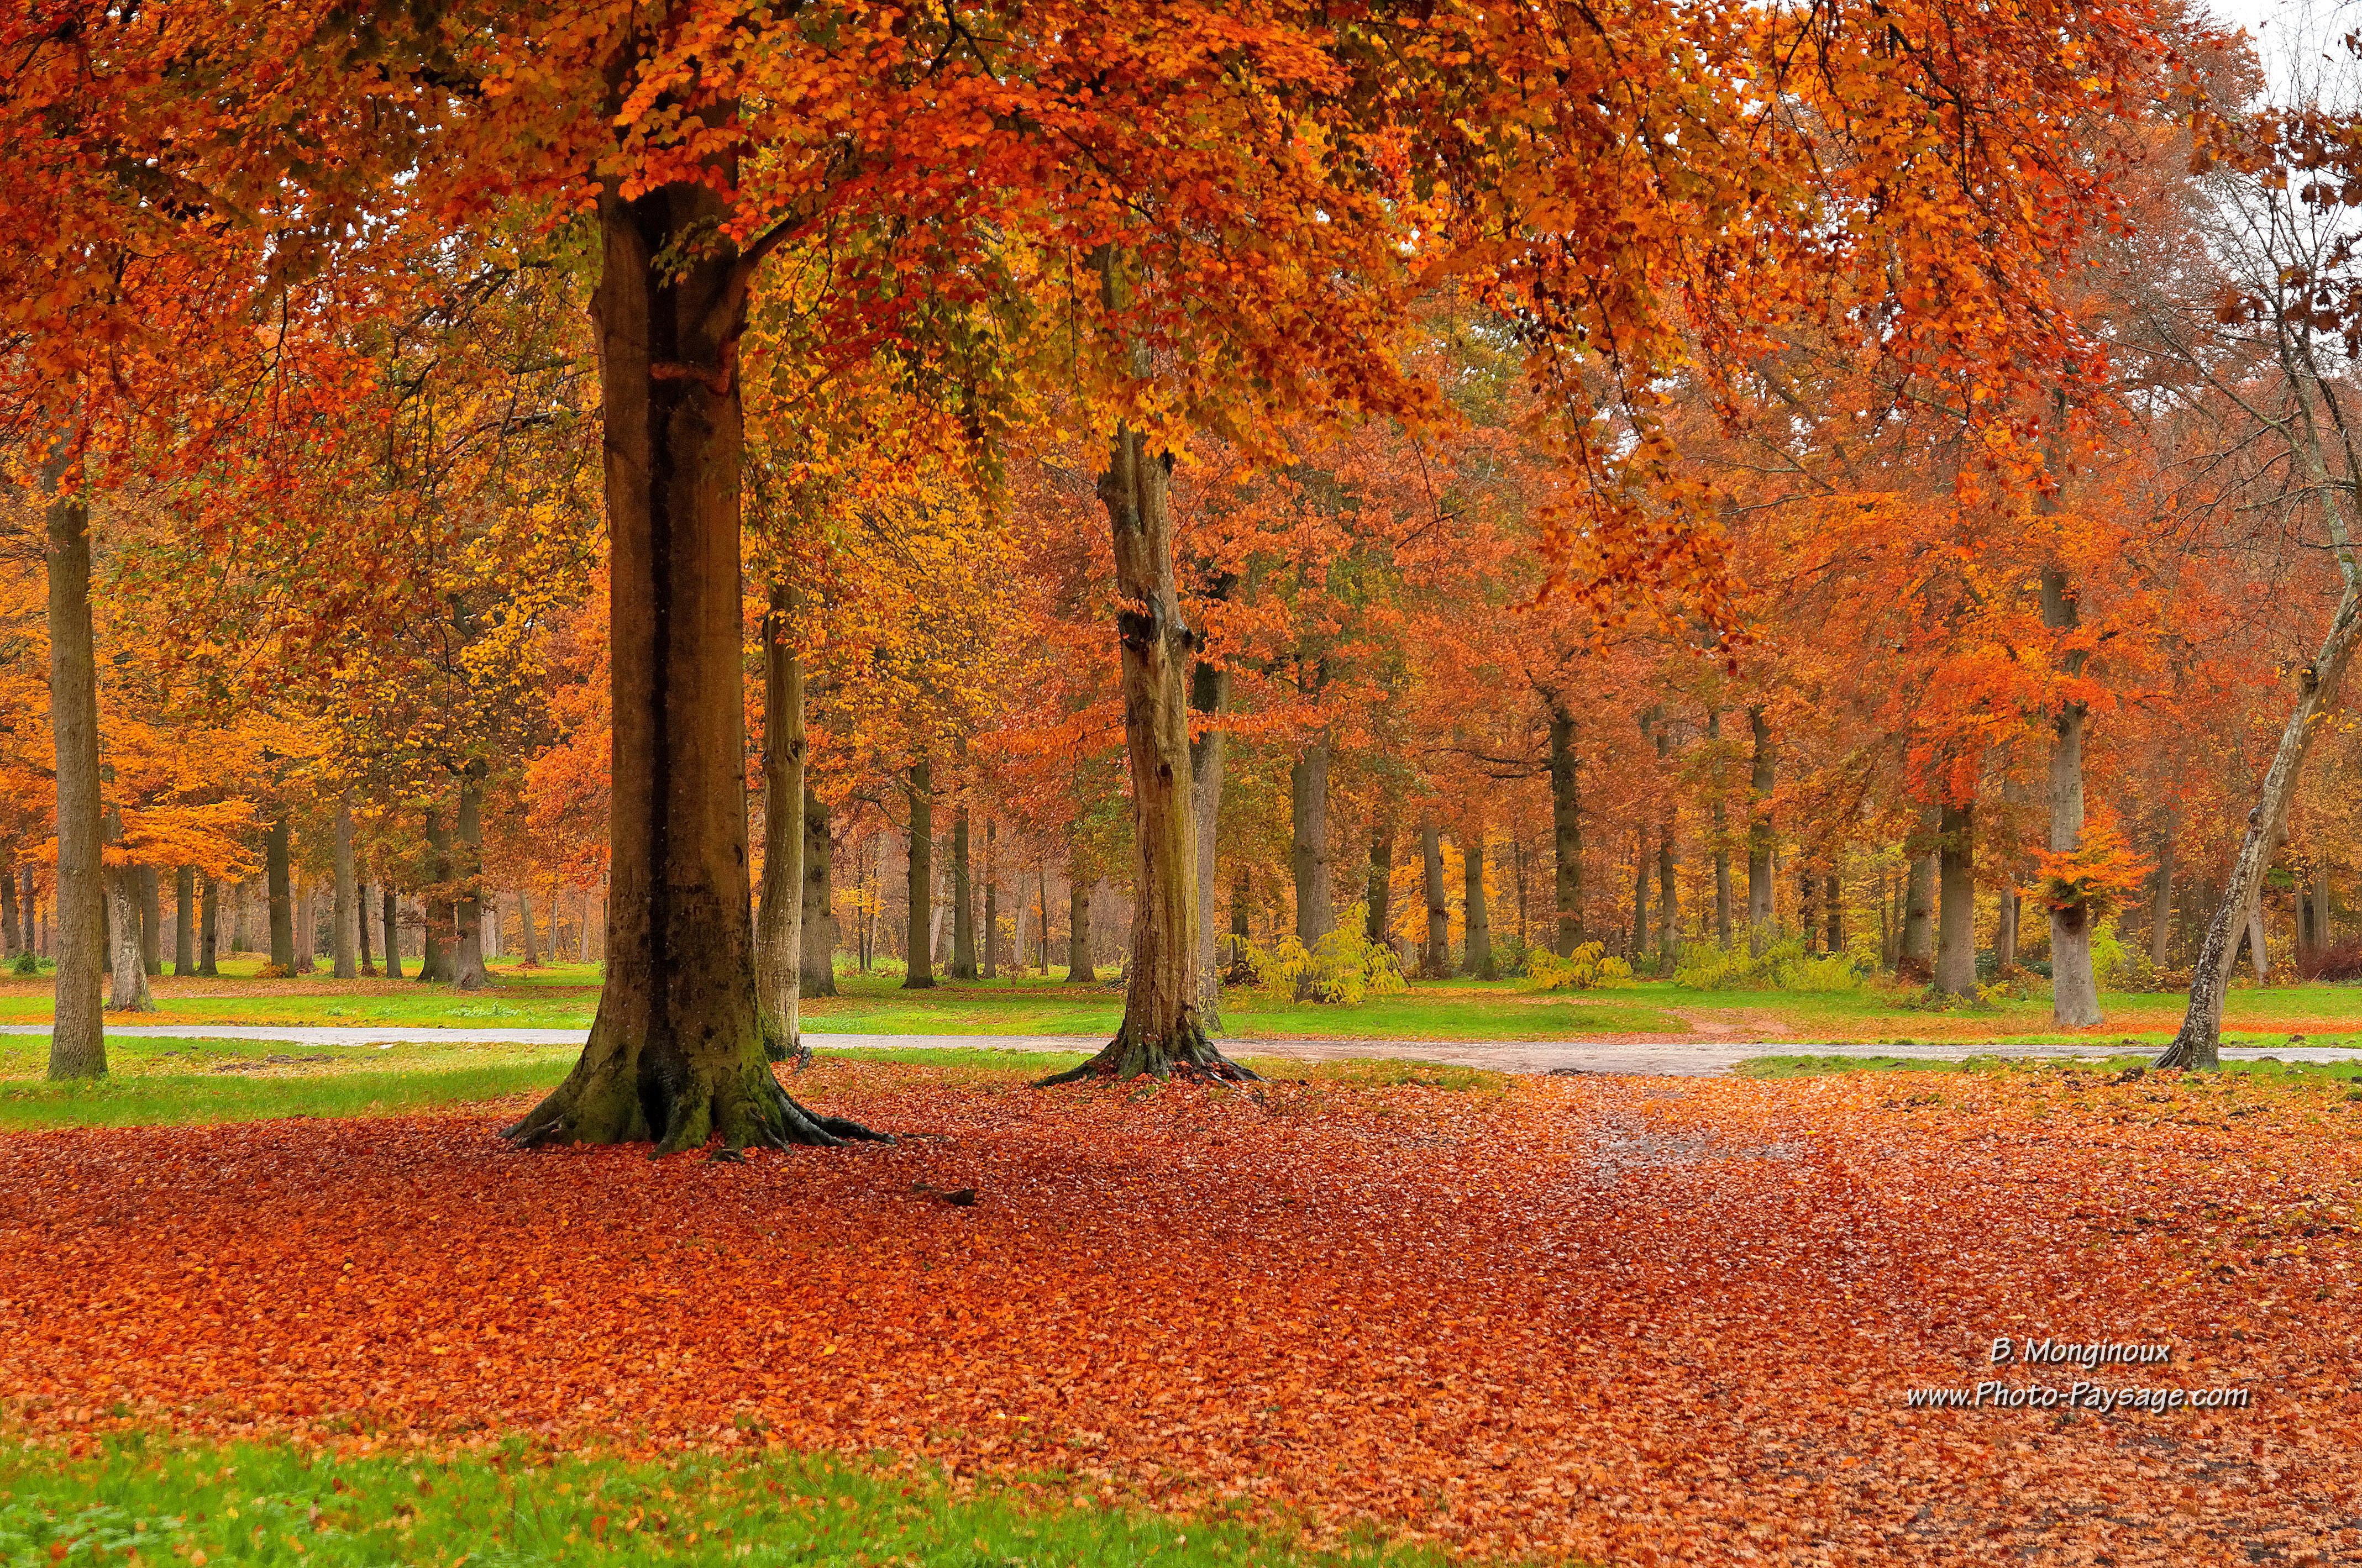 foto de Les plus belles photos d'automne - Jour d'automne sous la pluie ...